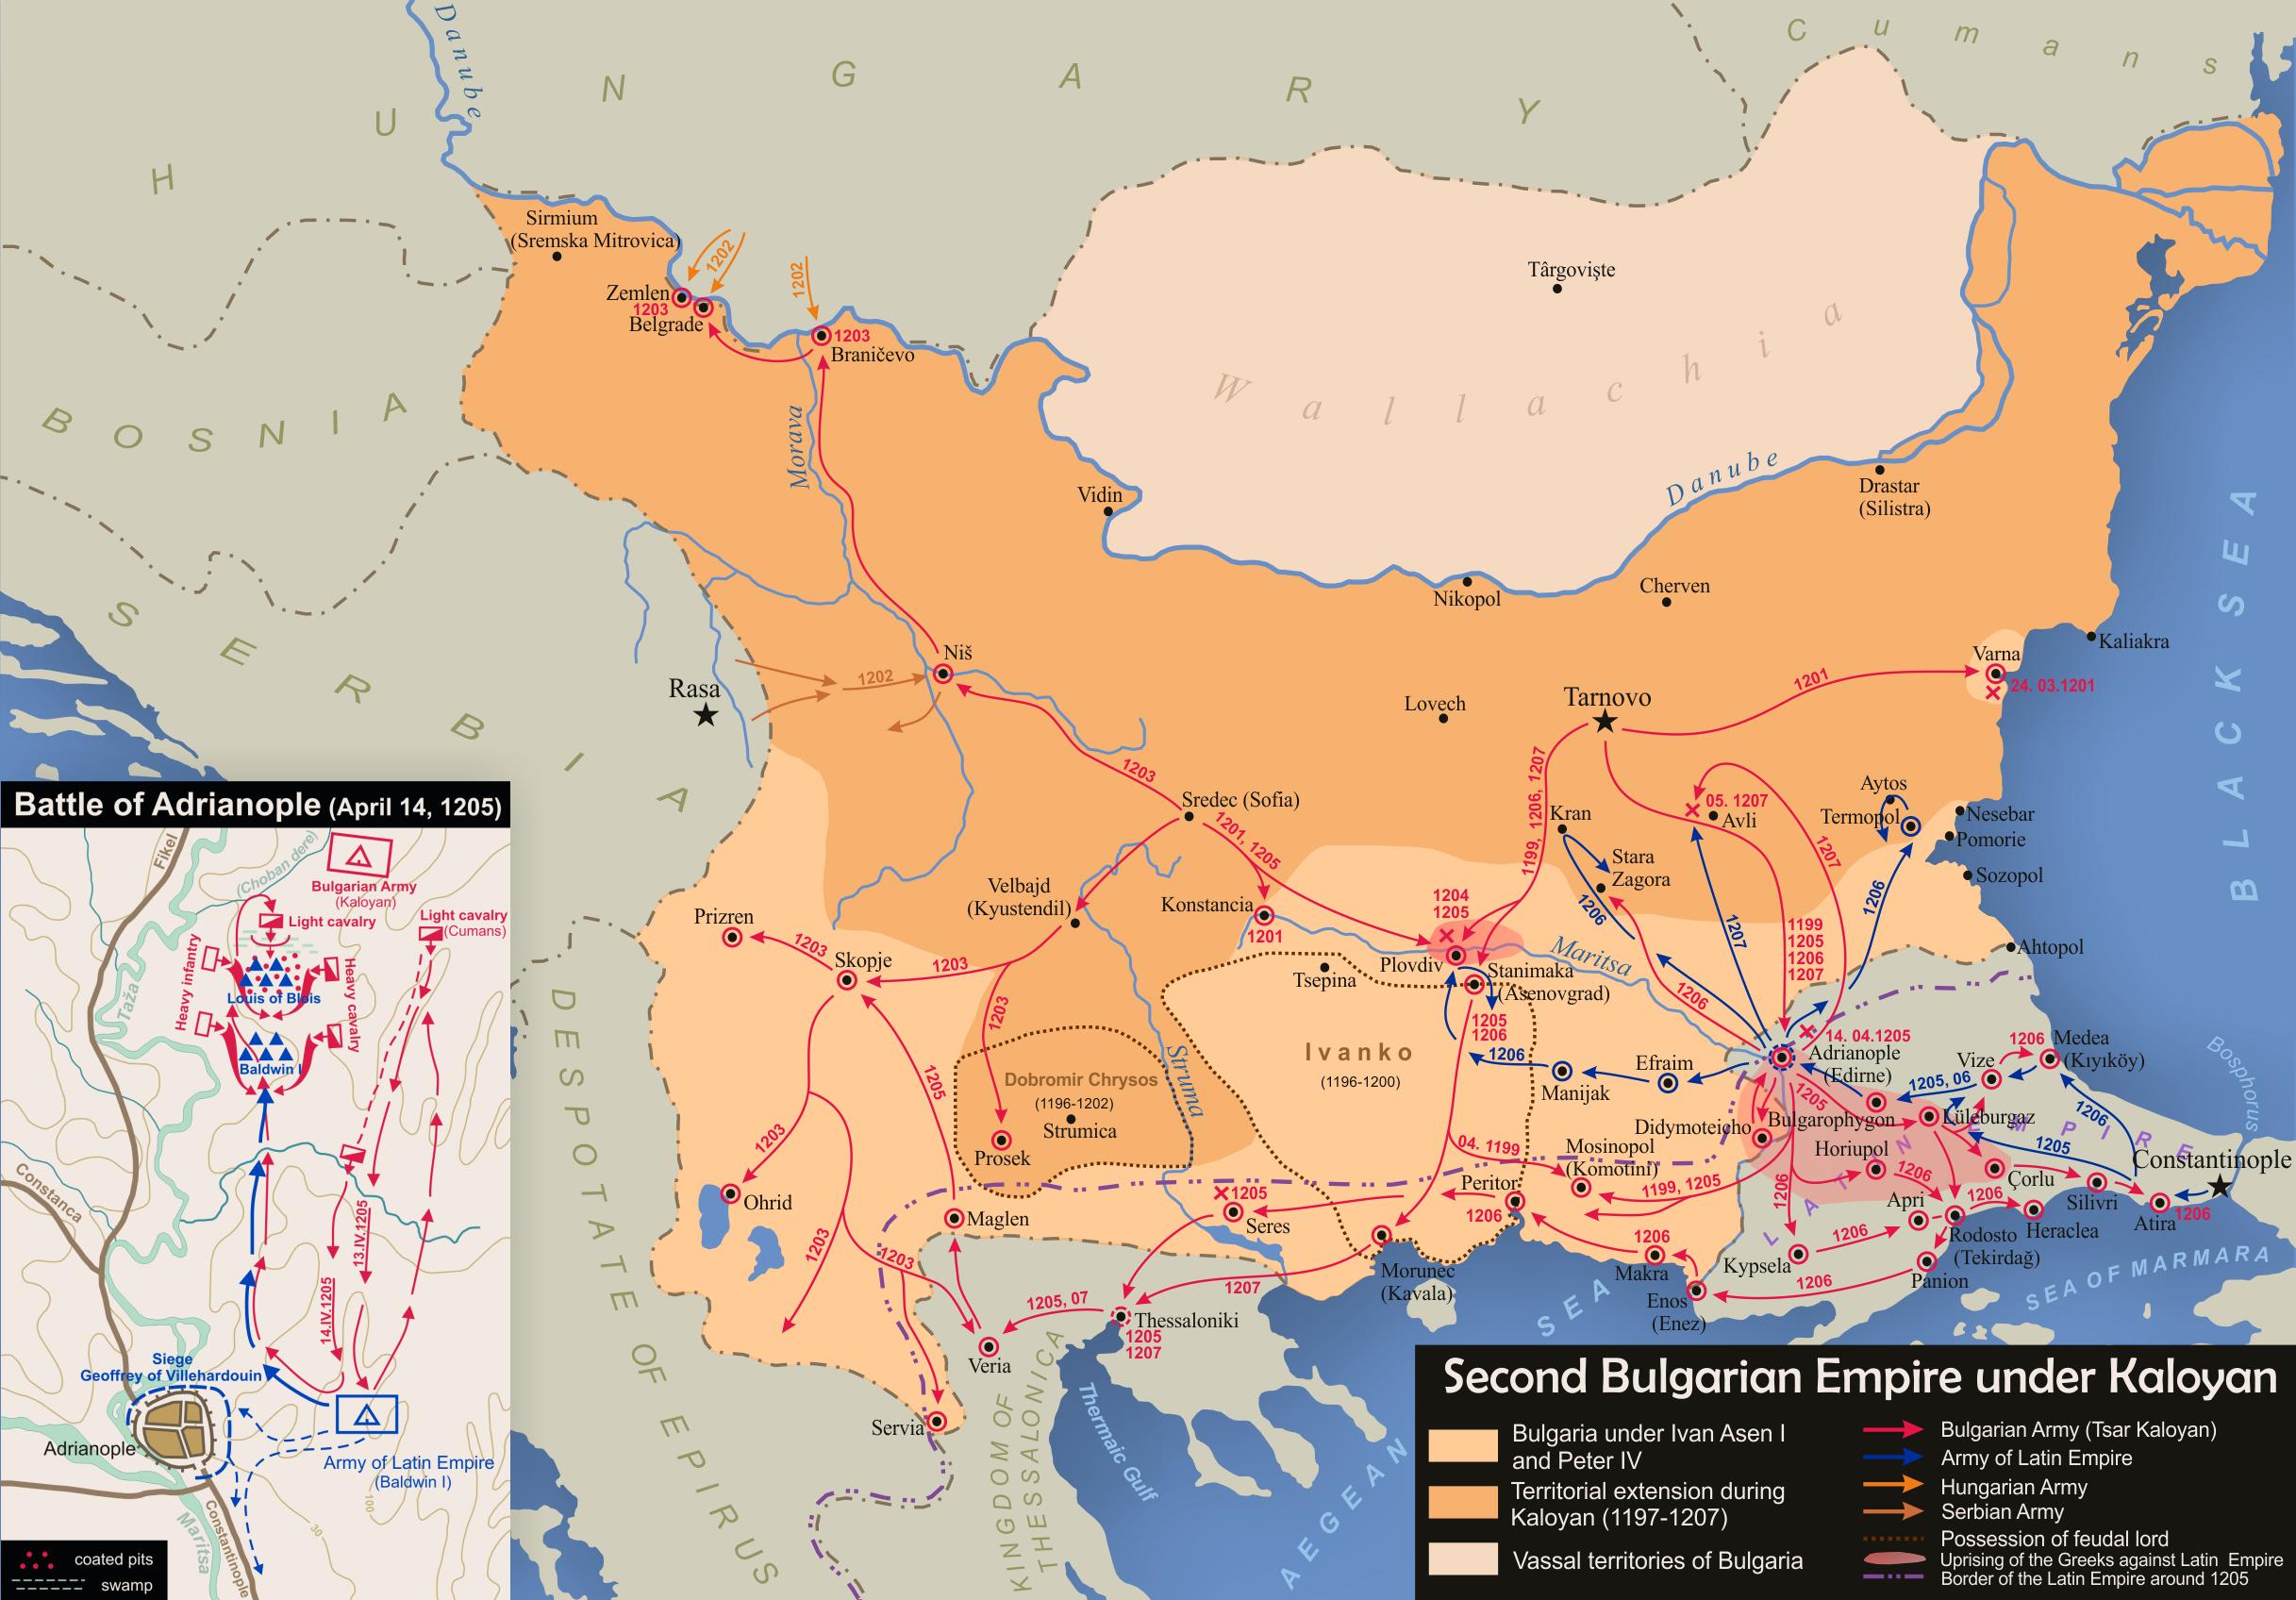 Bulgaria under Kaloyanpng Atlas of Vojvodina